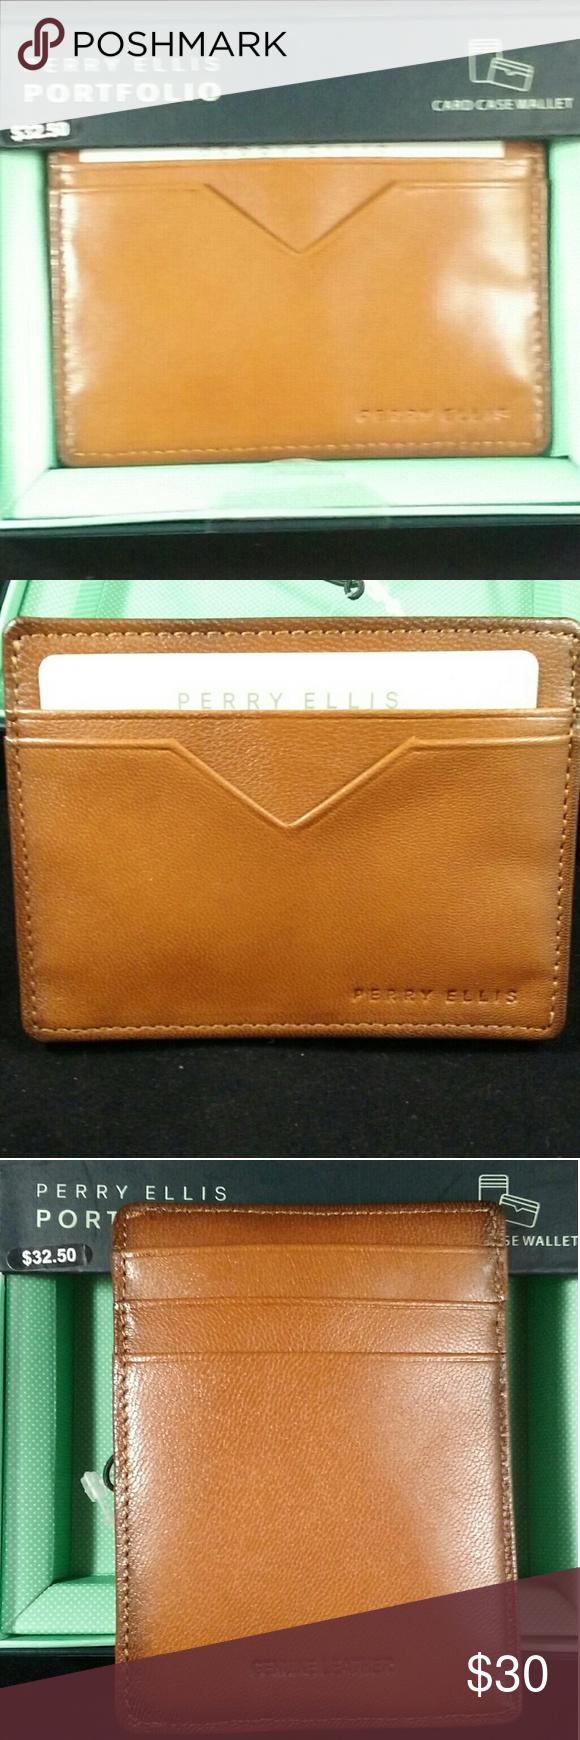 c3352b9d9af7 Perry Ellis Card Case Wallet NWT Fresh off the shelf Perry Ellis ...